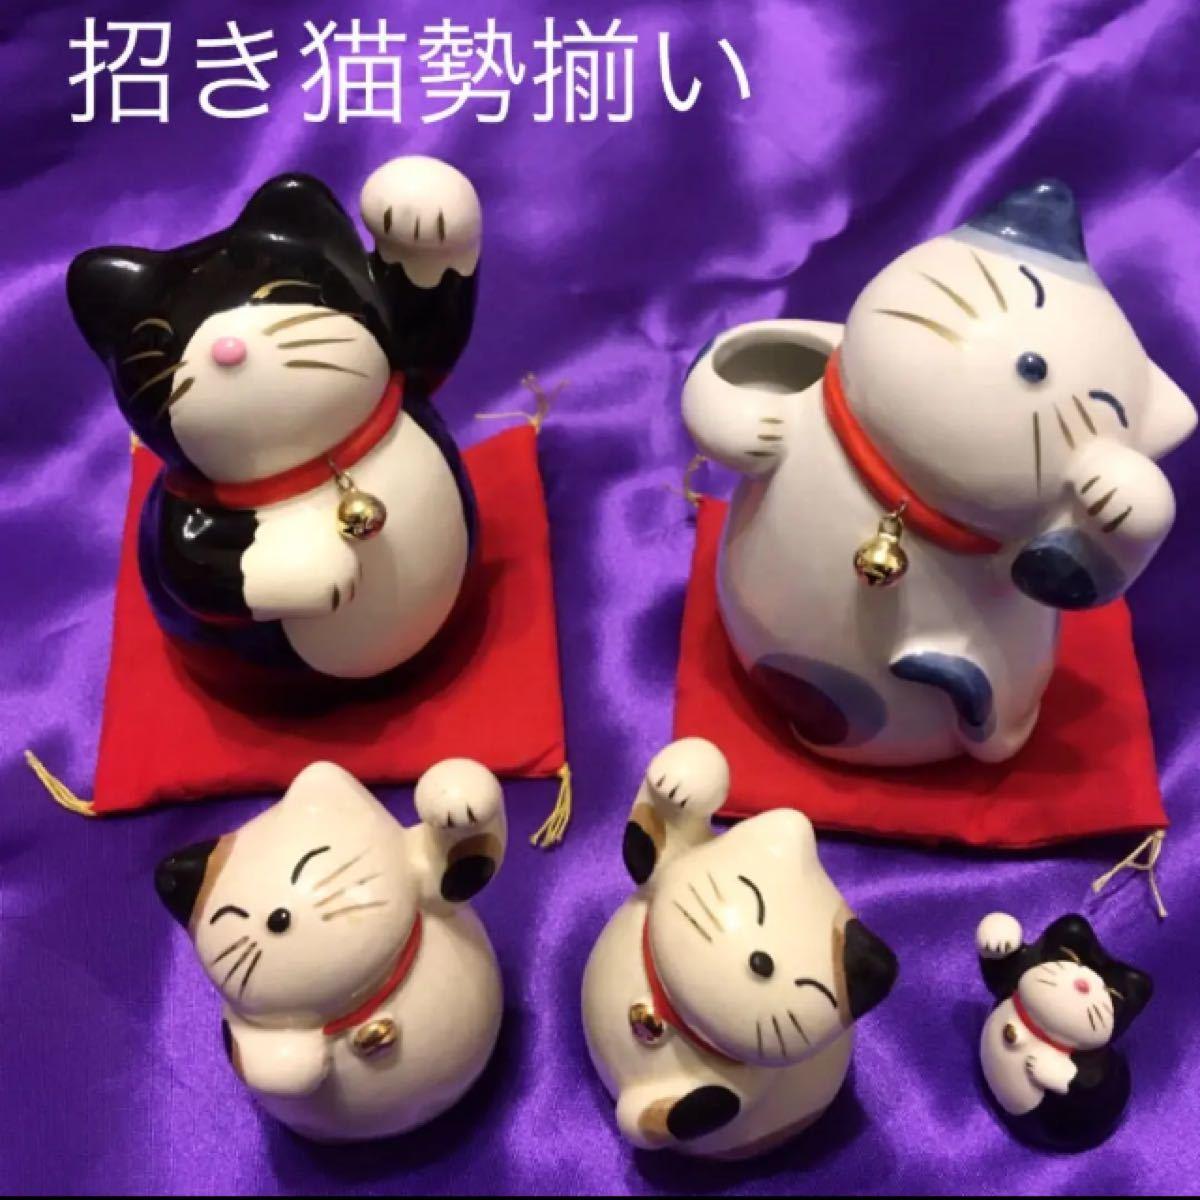 猫グッズ 猫人形 猫 ねこ ネコ 猫雑貨 猫用品 猫物 猫小物 猫置物 猫飾り 招き猫 福猫 福招き 黒白猫 白猫 黒猫 商売繁盛